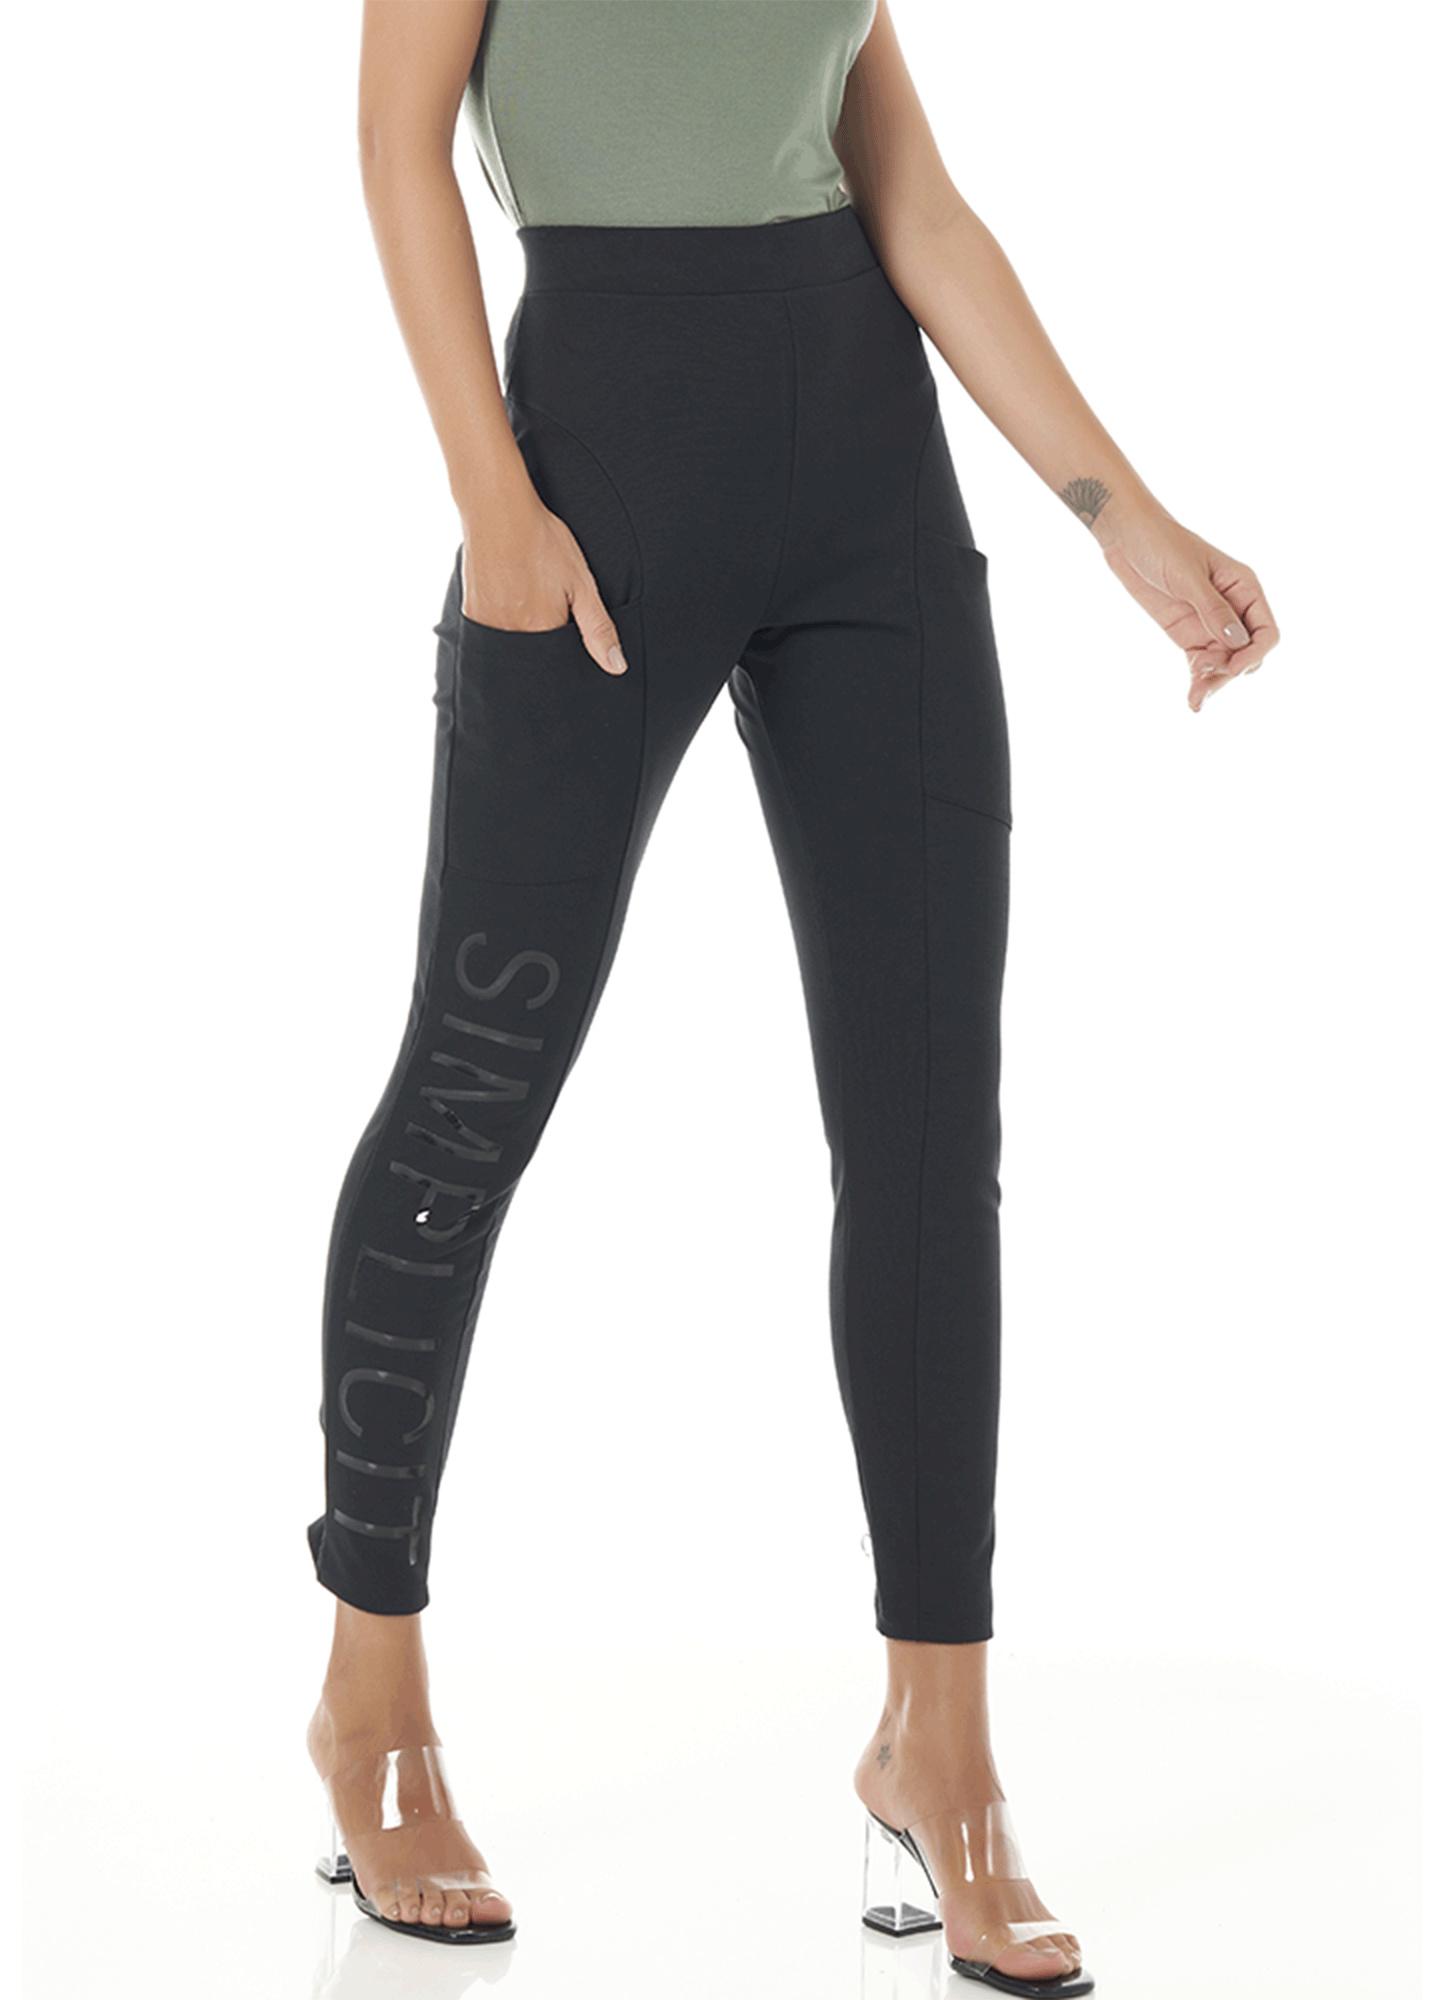 Calça Montaria Feminina Viscose Preta com Estampa na Lateral Cintura Alta Cós com Elástico Embutido Bolso na Frente